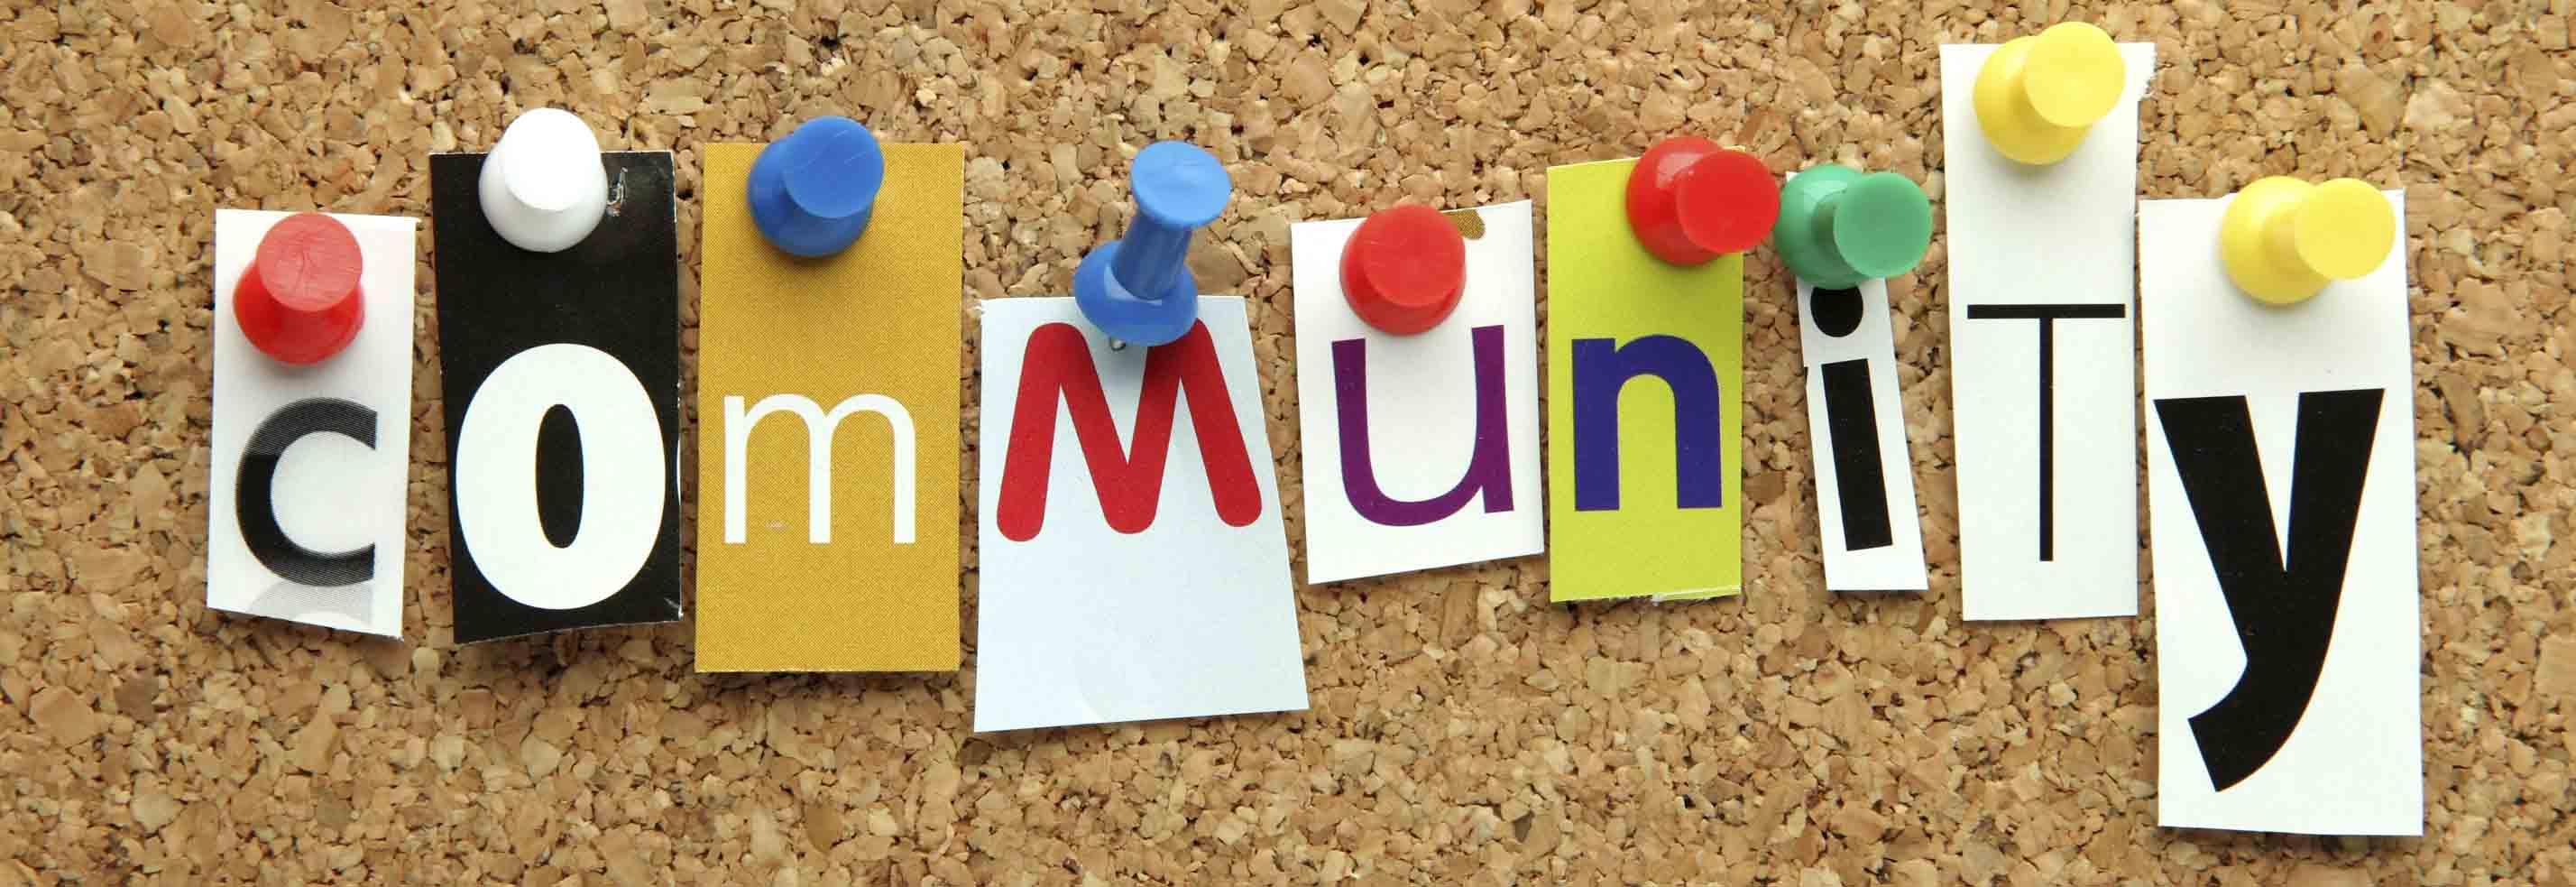 Il community organizing come forma di empowerment dei cittadini